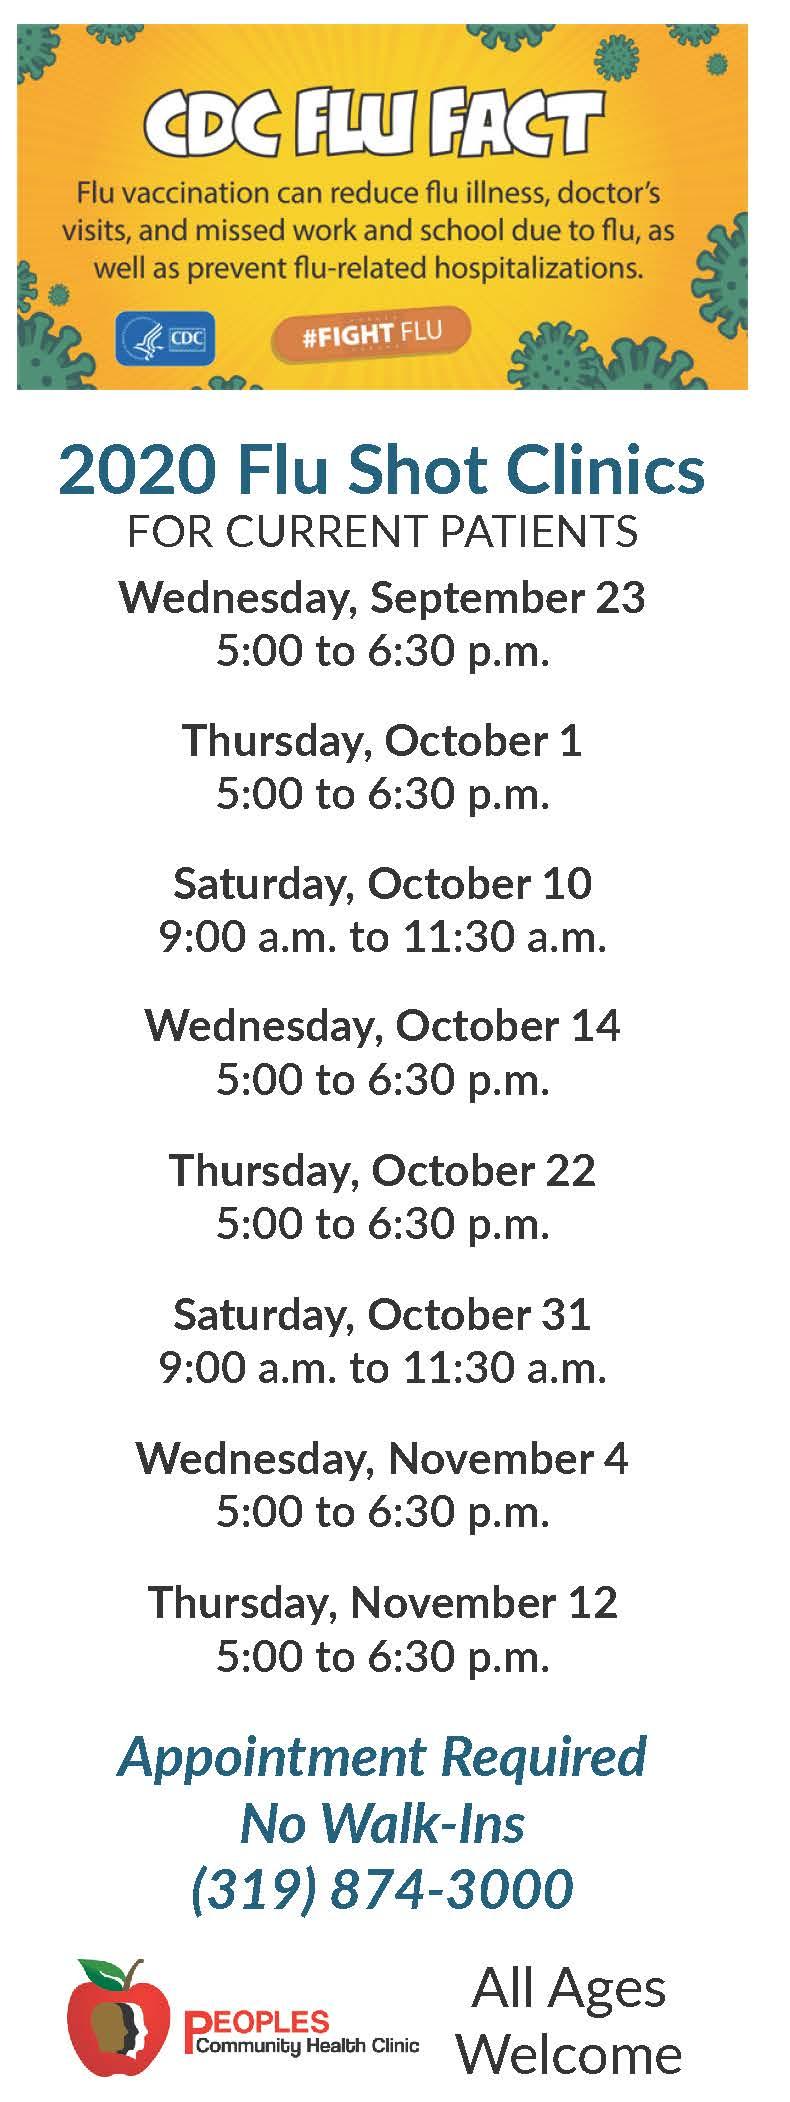 2020 Flu Shot Clinic Schedule